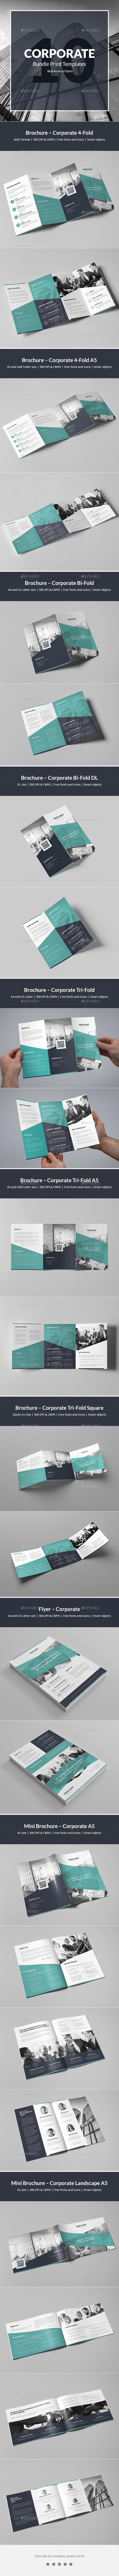 Corporate – Brochures Bundle Print Templates 10 in 1 - Corporate Brochures